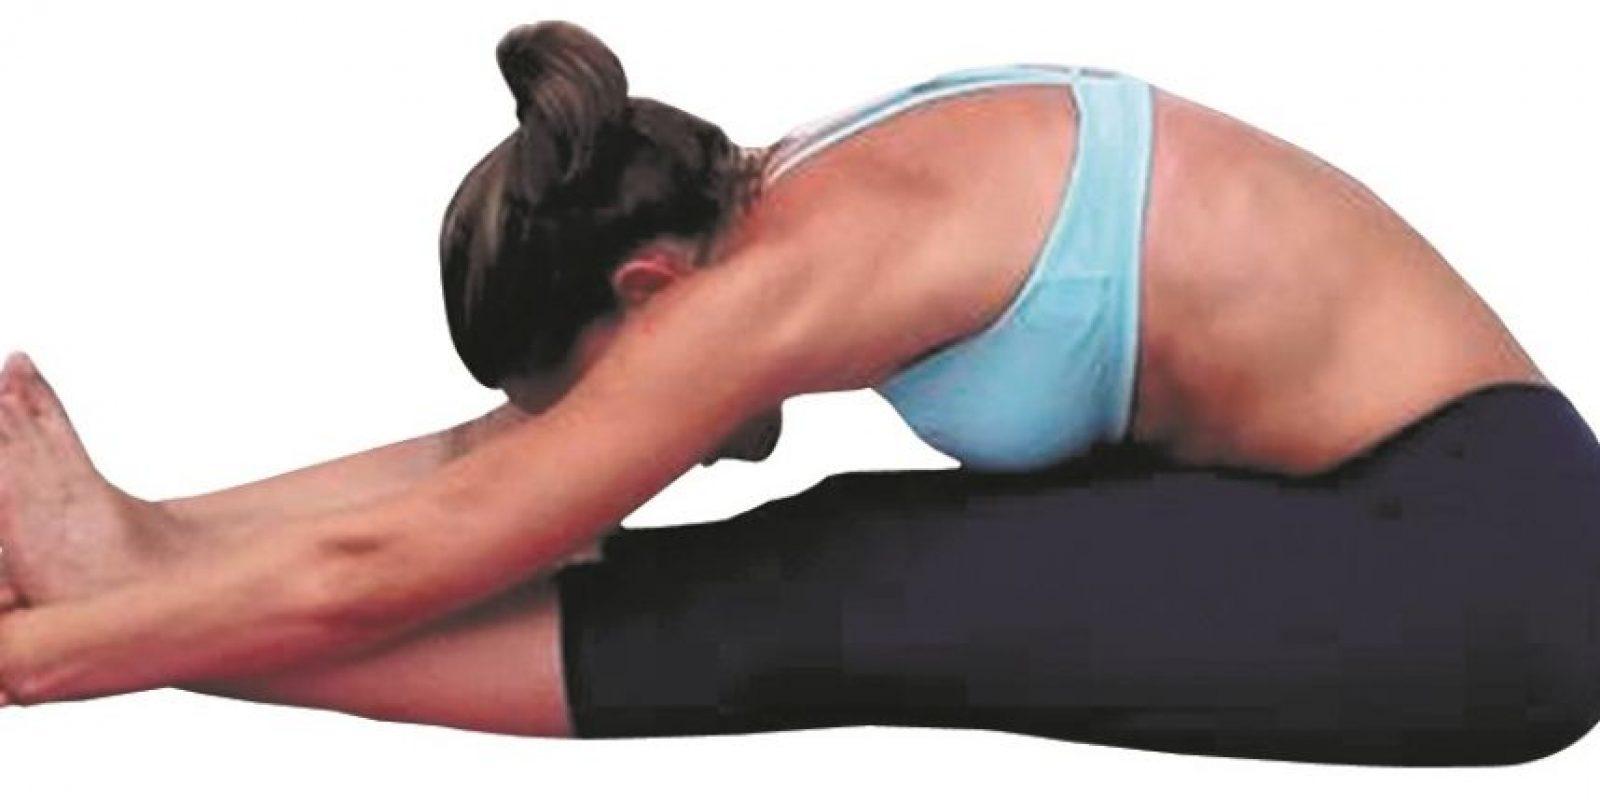 Upward plank pose: Preparación: Nos sentamos con las manos un poco más atrás de los glúteos y los dedos de la mano mirando a los dedos del pie. Colocamos la planta de los pies en el suelo, apuntando el dedo gordo levemente para adentro. Al exhalar nos empujamos con el pie haciendo presión contra el suelo, levantando la pelvis. El torso y el bíceps femoral deben quedar paralelos al suelo; los brazos y los tibiales deben quedar perpendiculares al suelo. Sin perder la altura de las caderas, estiramos los pies en un solo intento. Aguantamos la posición por unos 30 segundos. Beneficios:Fortalece los brazos, las muñecas y las piernas.Estira los hombros, el pecho y los tobillos. Foto:Fuente Externa